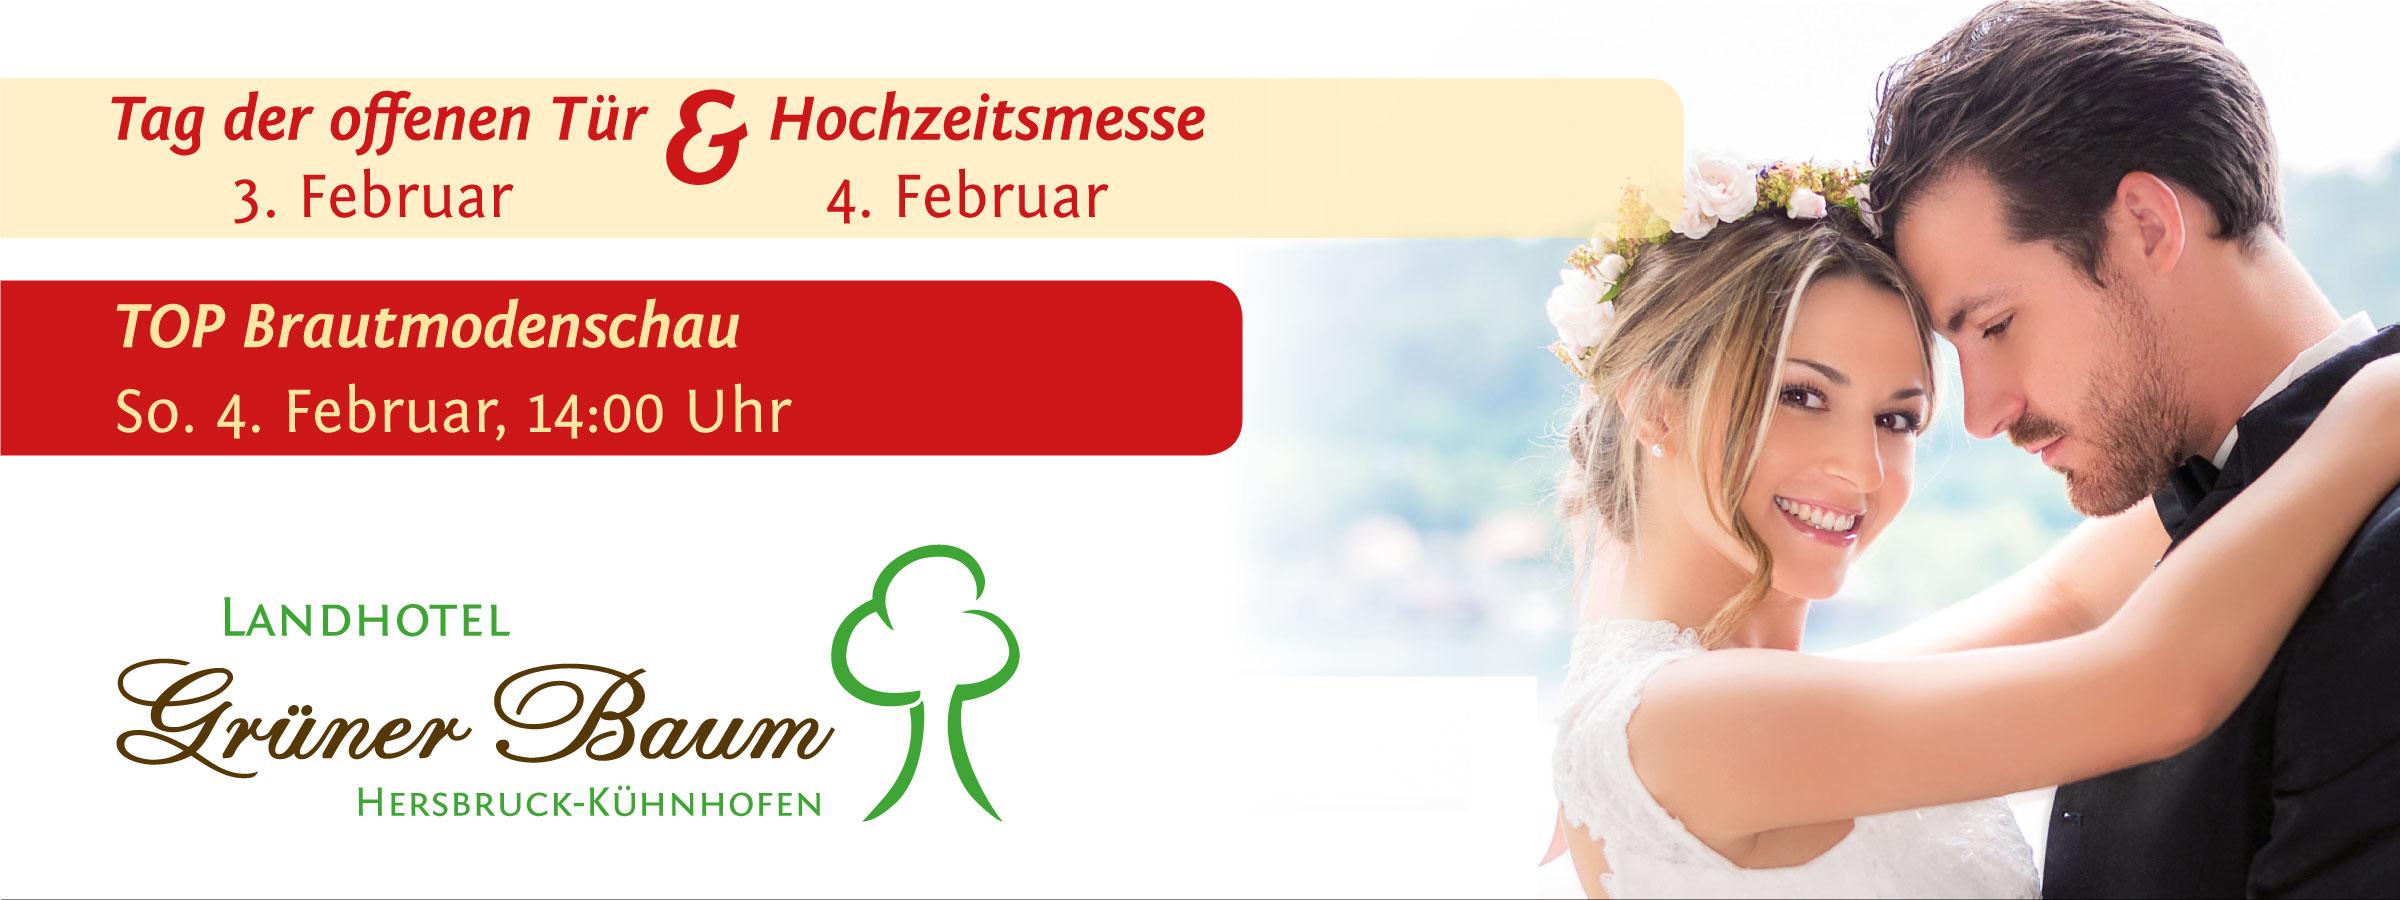 grüner baum kühnhofen